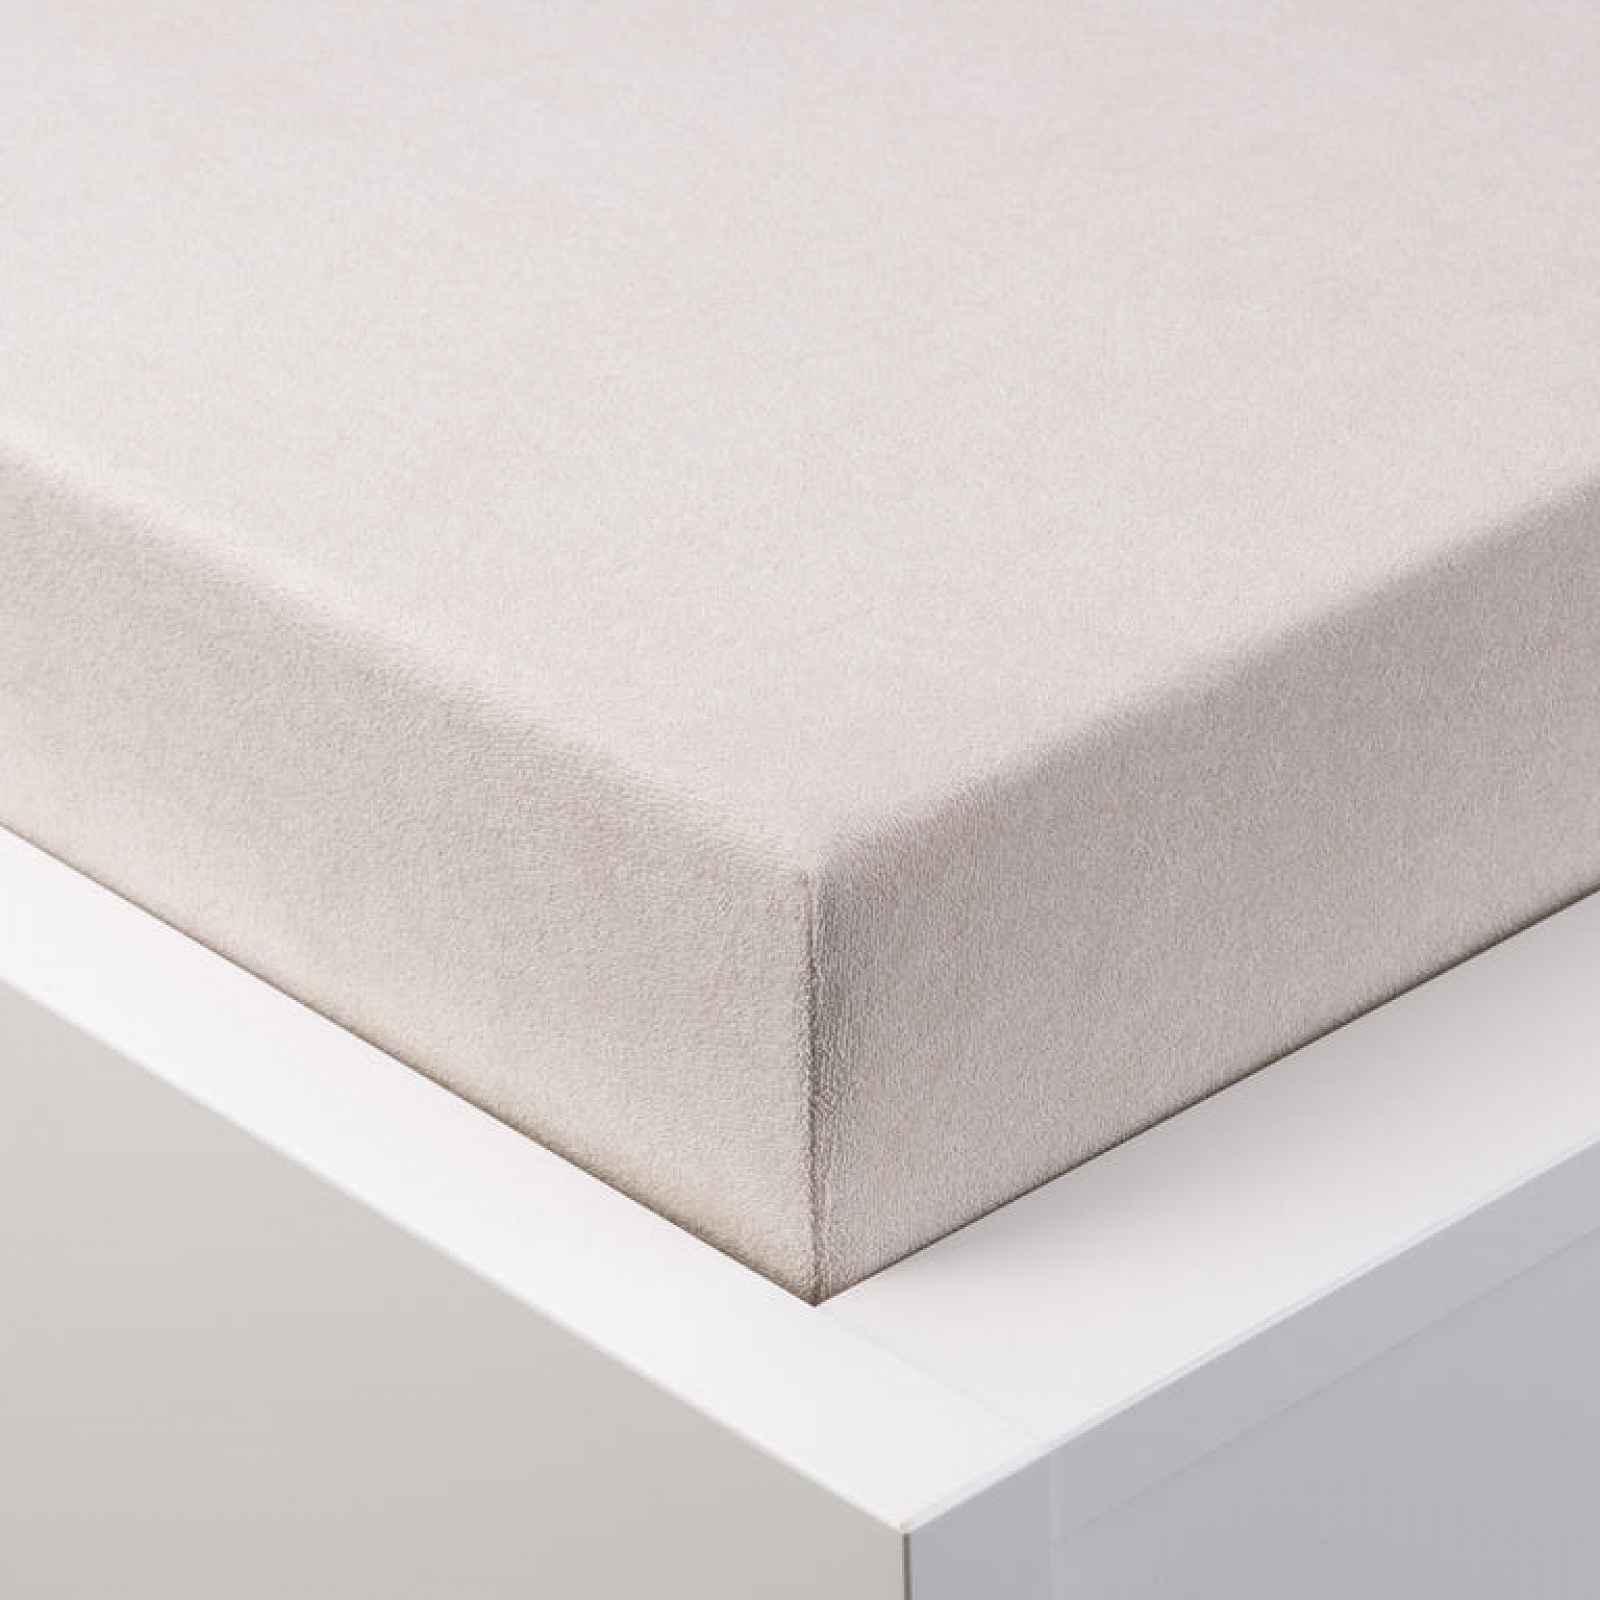 Hermann Cotton Napínací prostěradlo froté EXCLUSIVE latté 180 x 200 cm